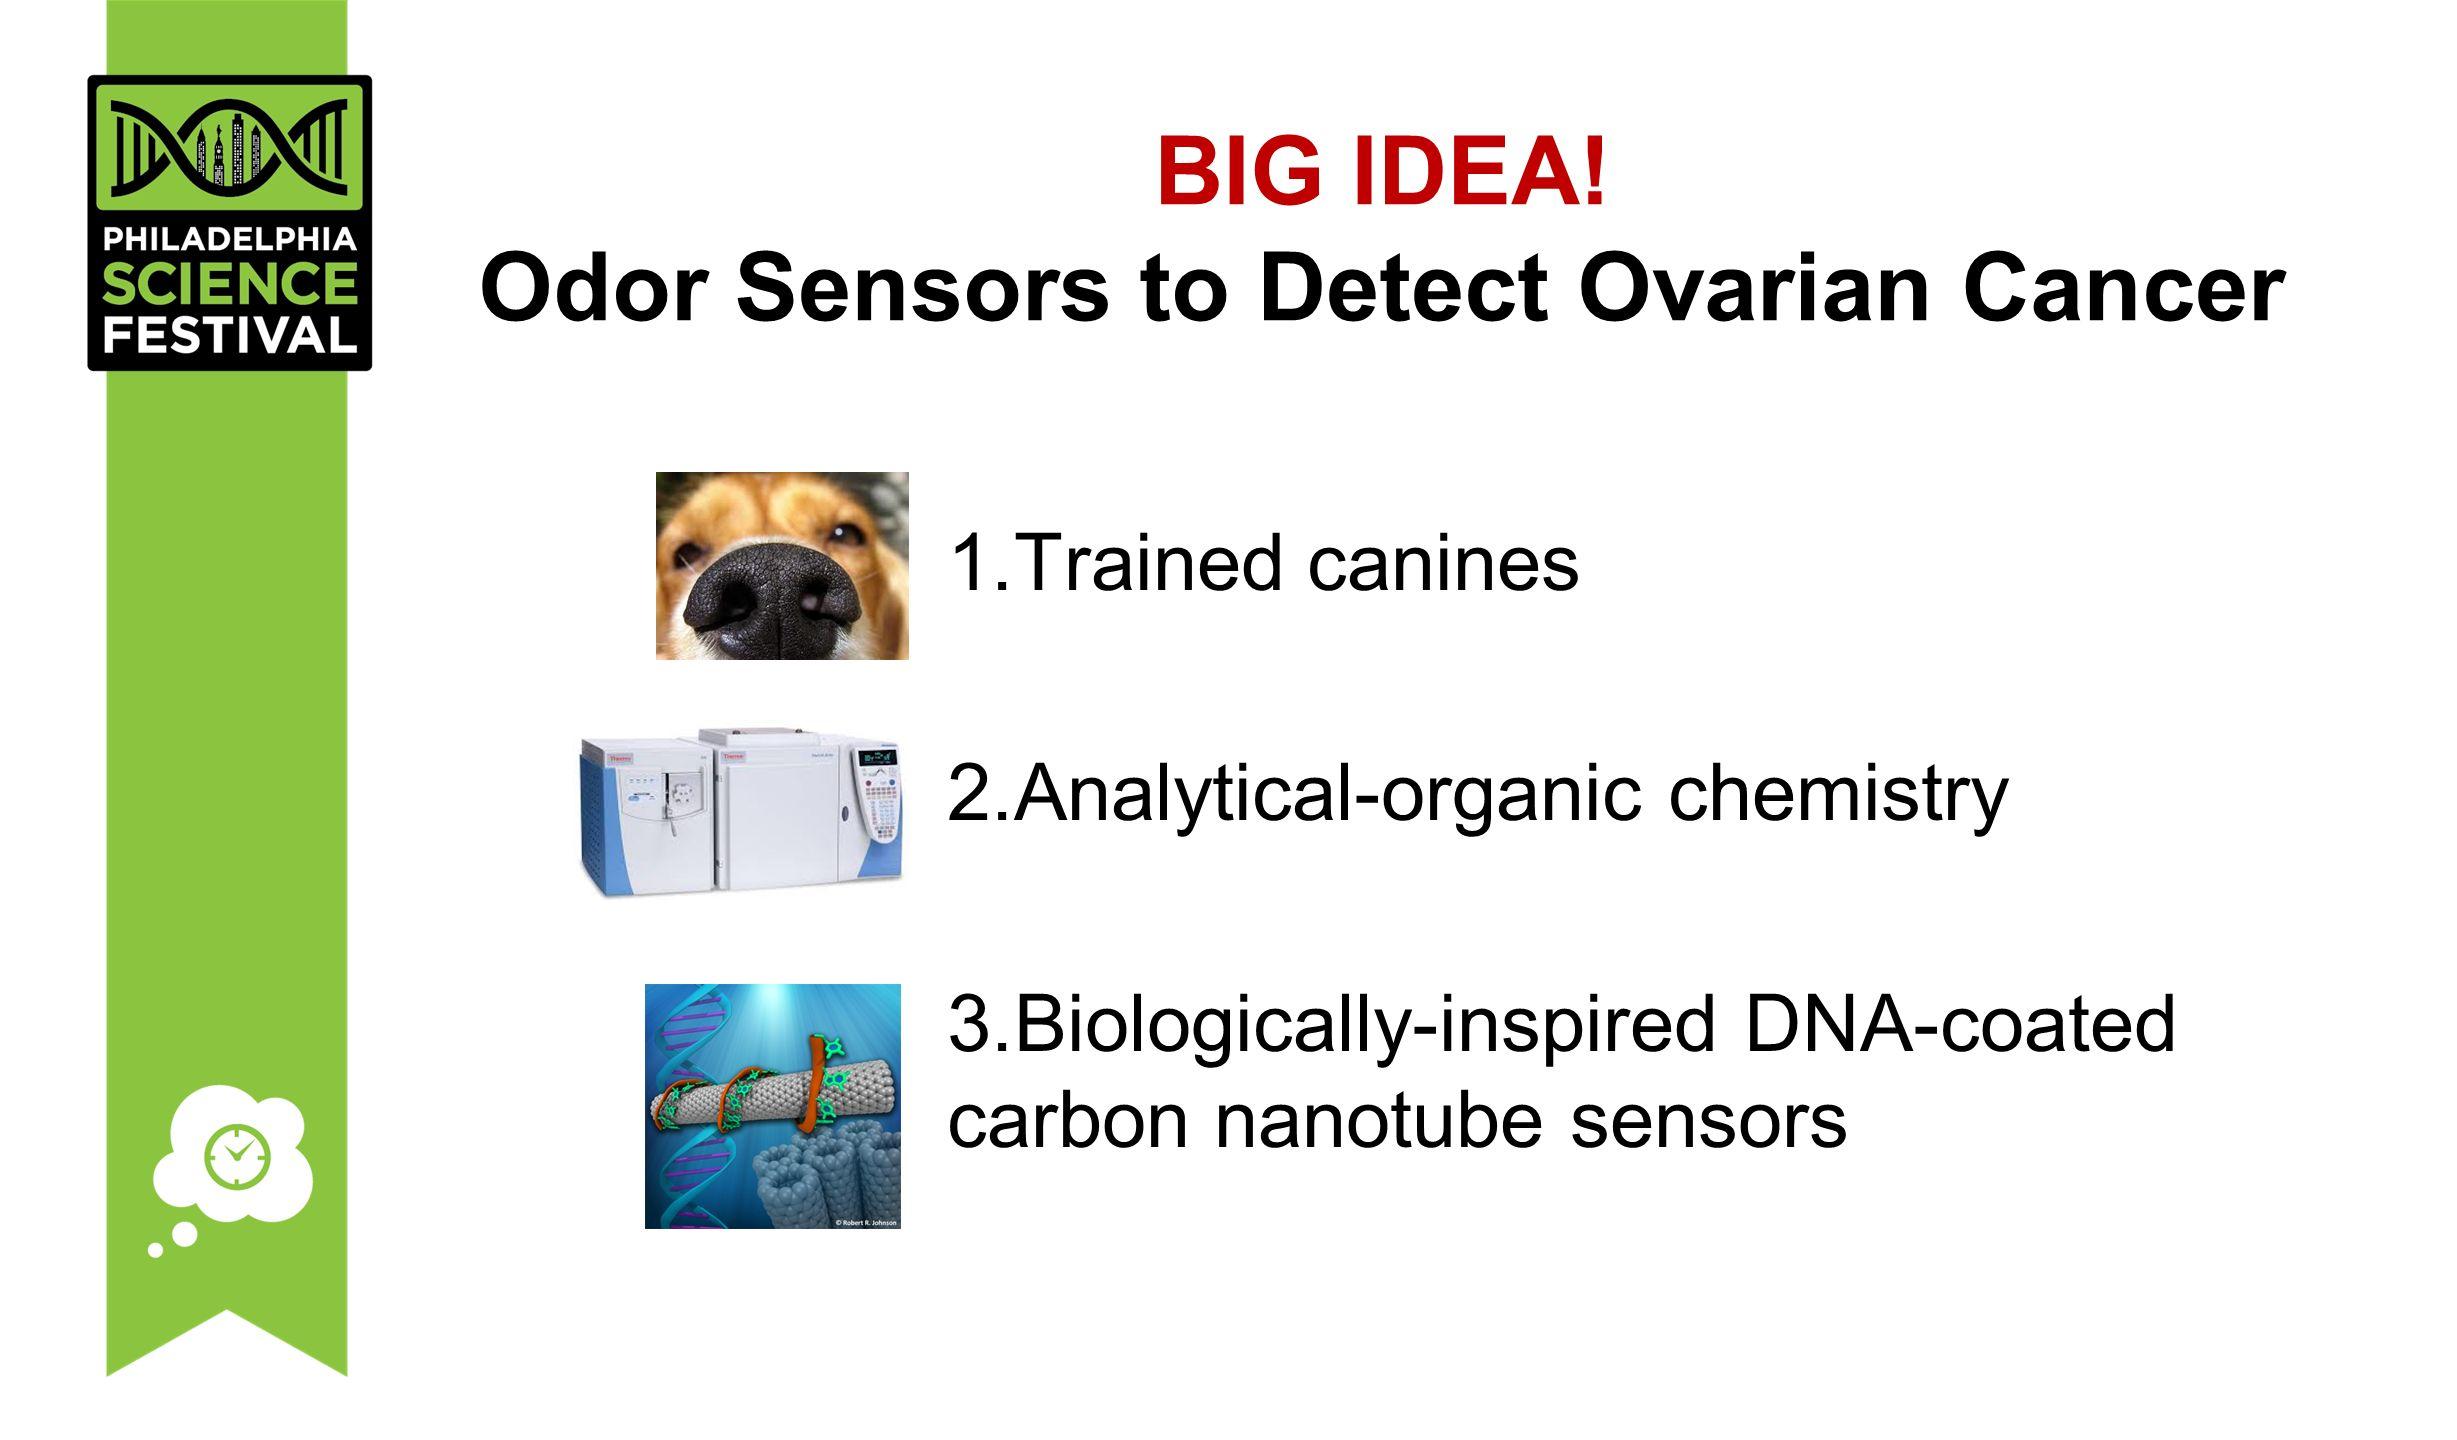 Odor Based Sensors For Ovarian Cancer Detection Ppt Video Online Download